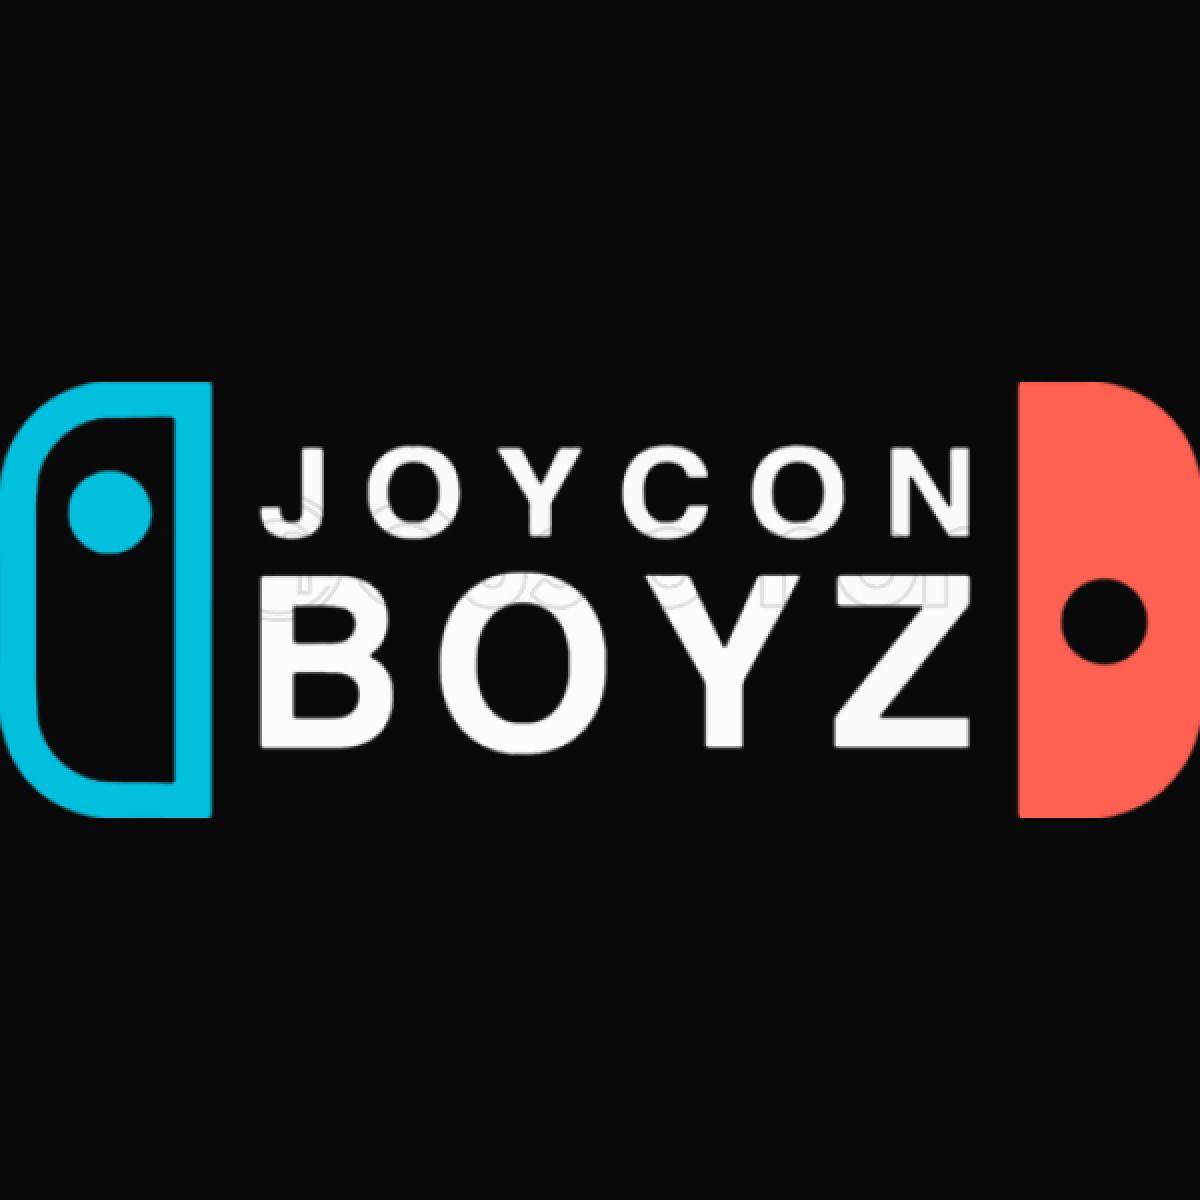 Joycon boyz